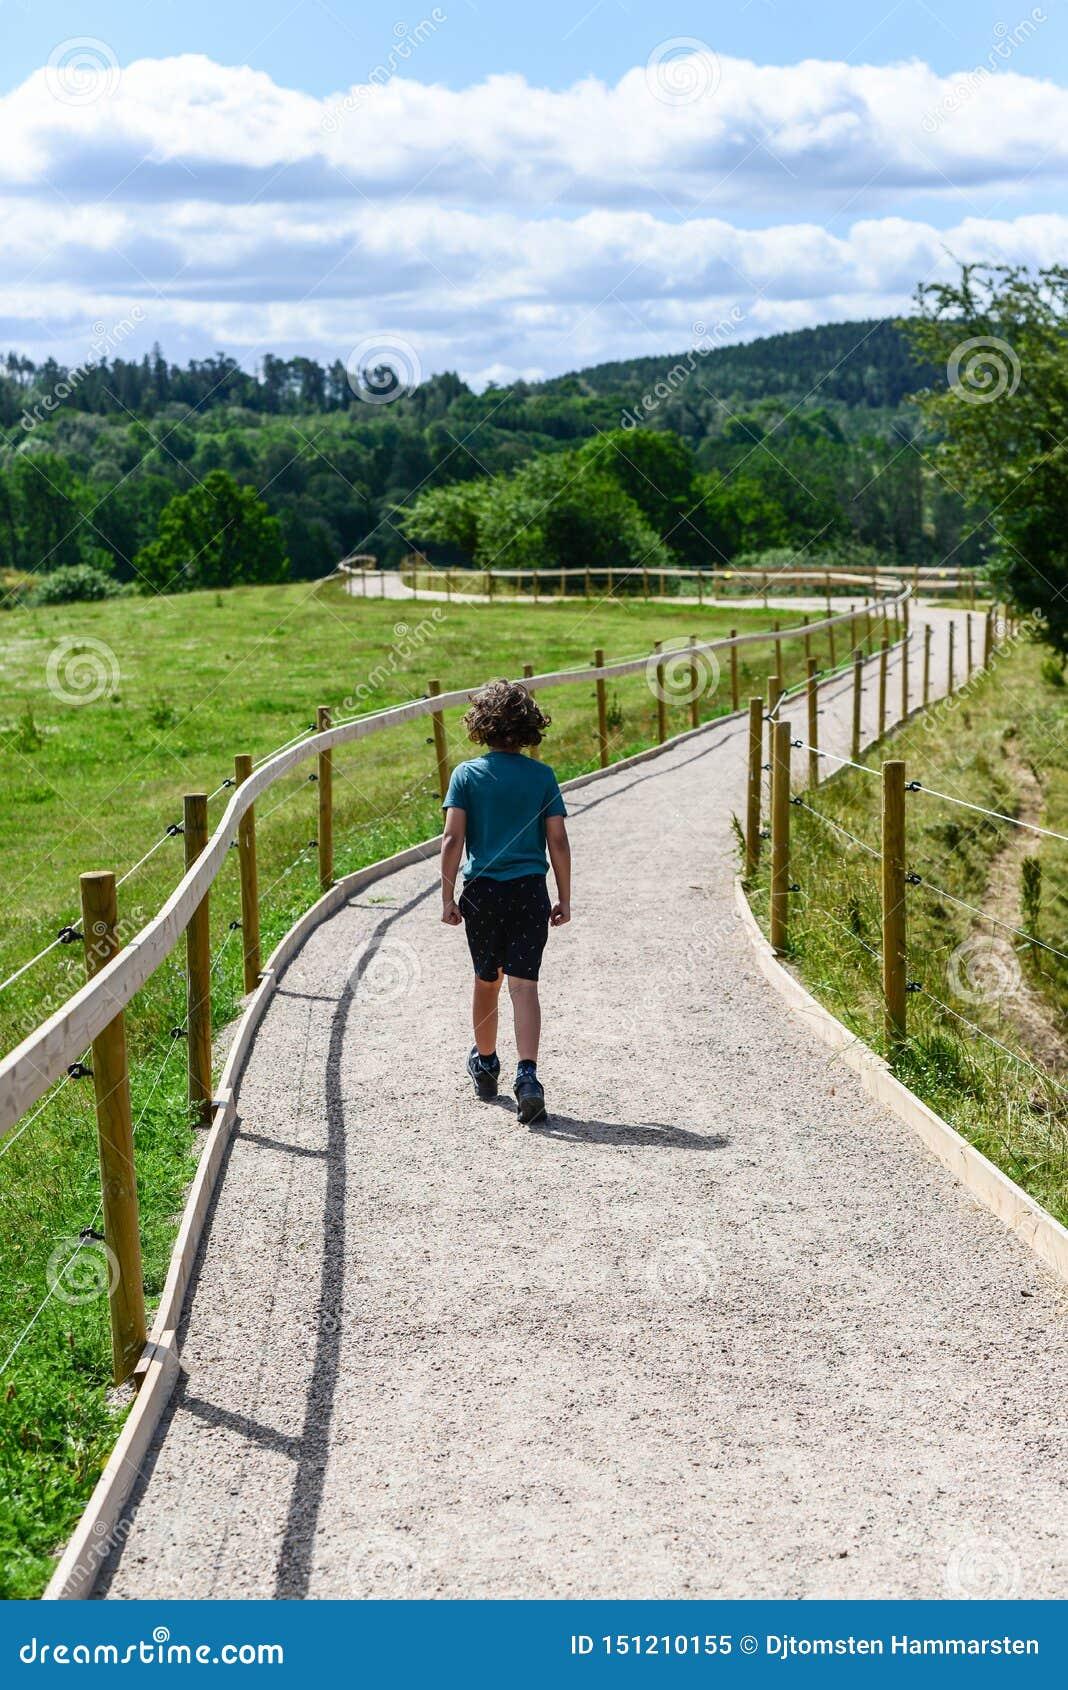 Kide Erhalten Trauriges In Das Holz Weg Gehen Stockbild